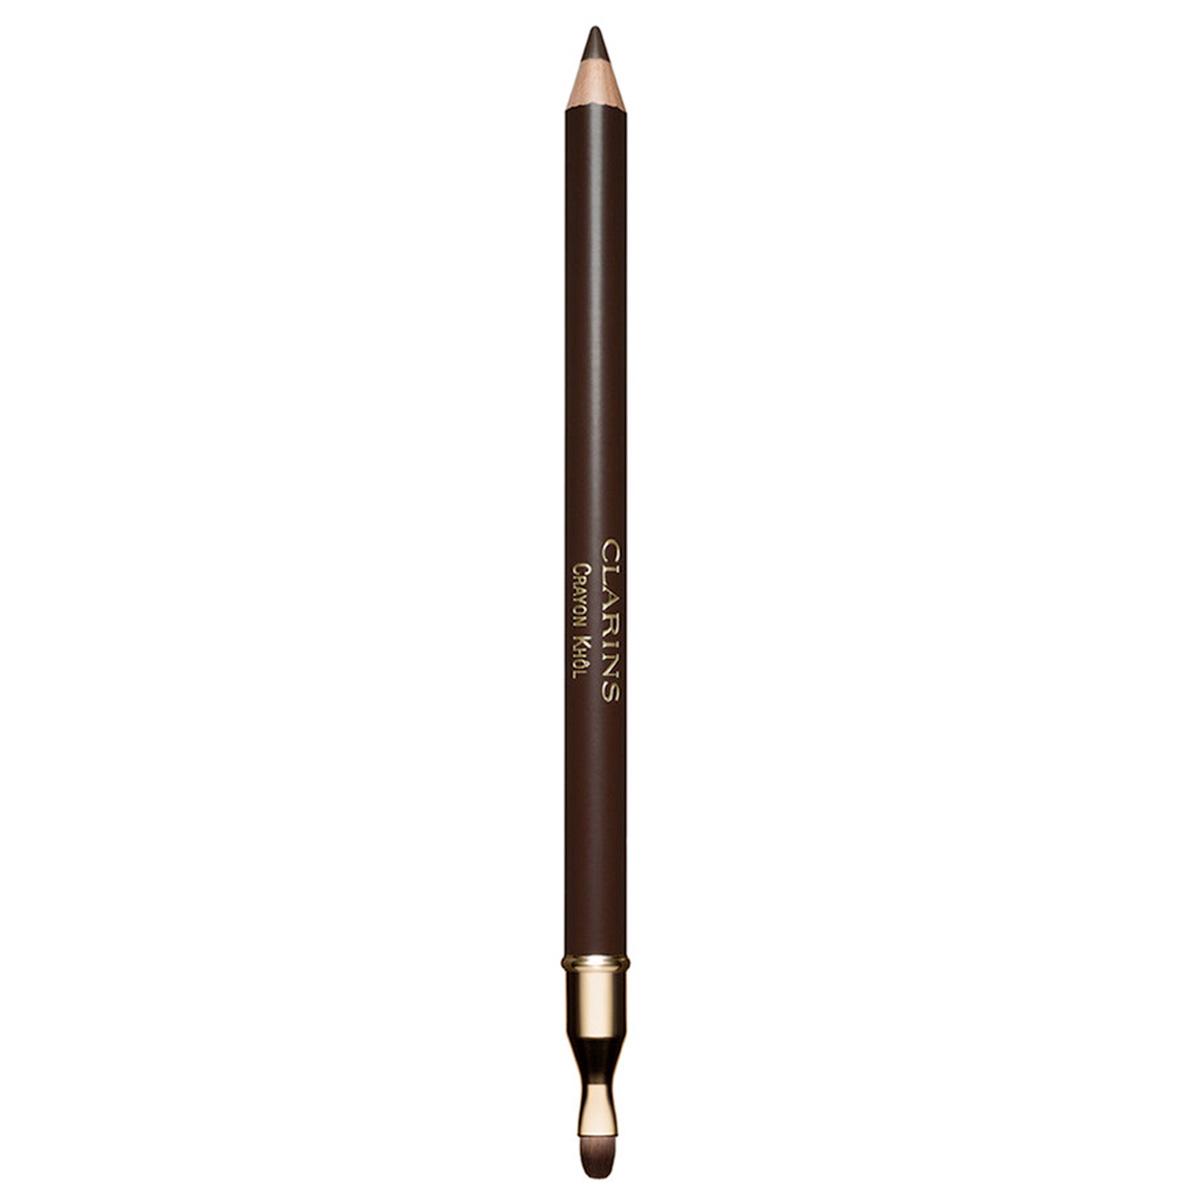 Clarins  Crayon khol kajal  matita occhi 02 intense brown